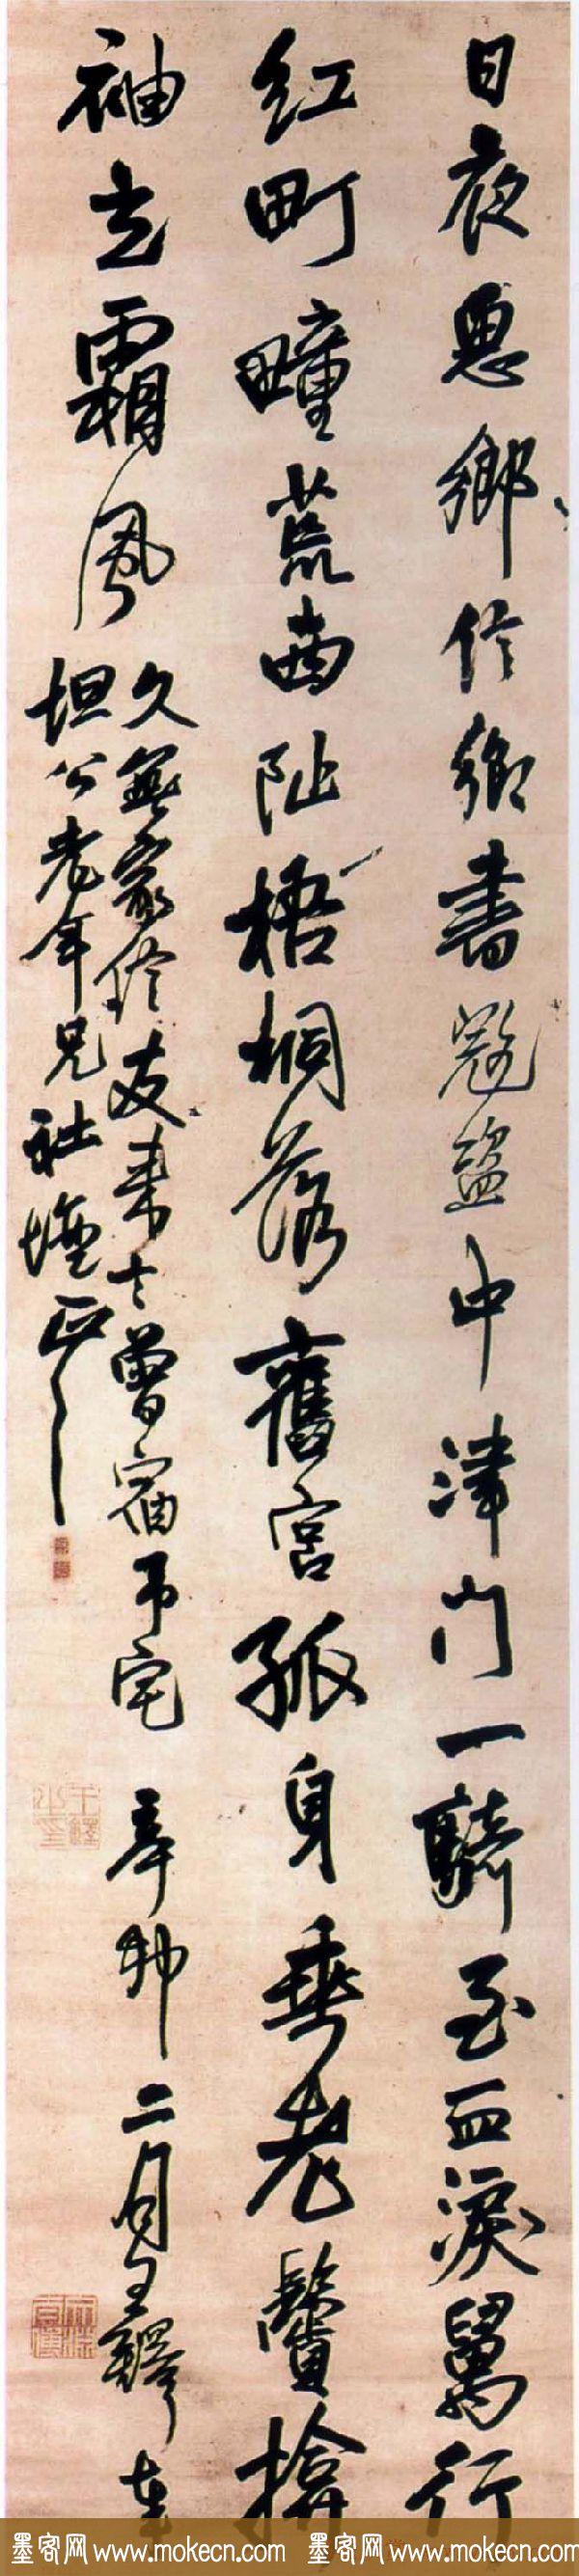 王铎行书作品欣赏《日夜思乡信五言律诗》